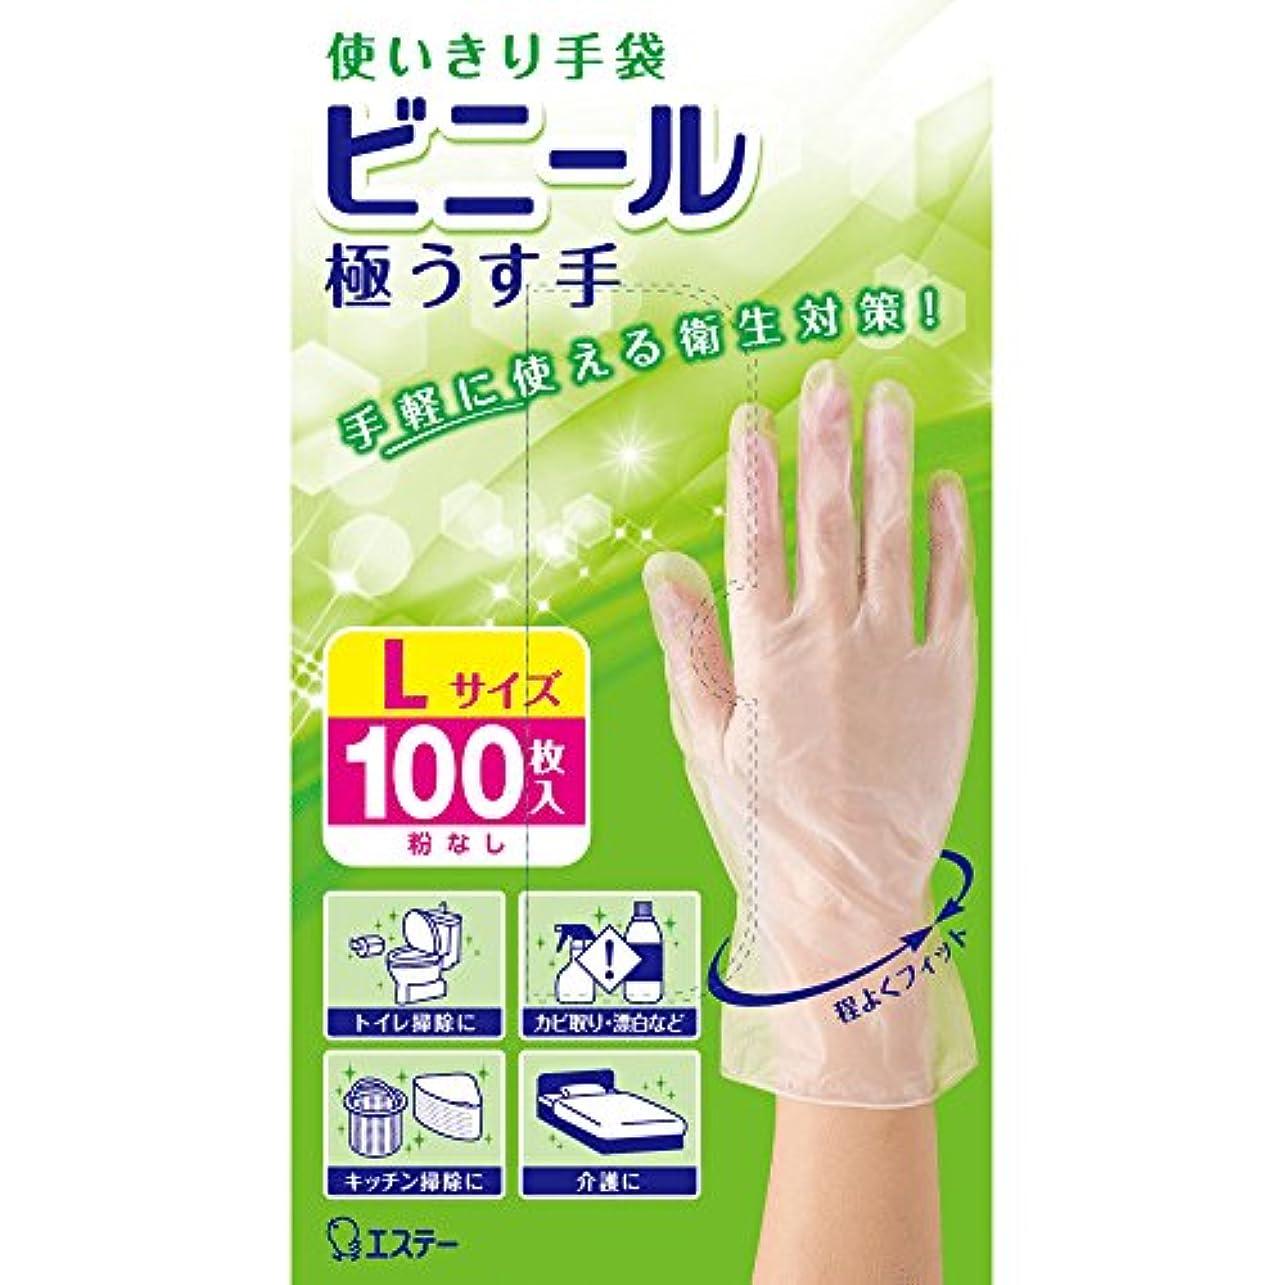 ハンディキャップヘルメット破産使いきり手袋 ビニール 極うす手 炊事?掃除用 Lサイズ 半透明 100枚